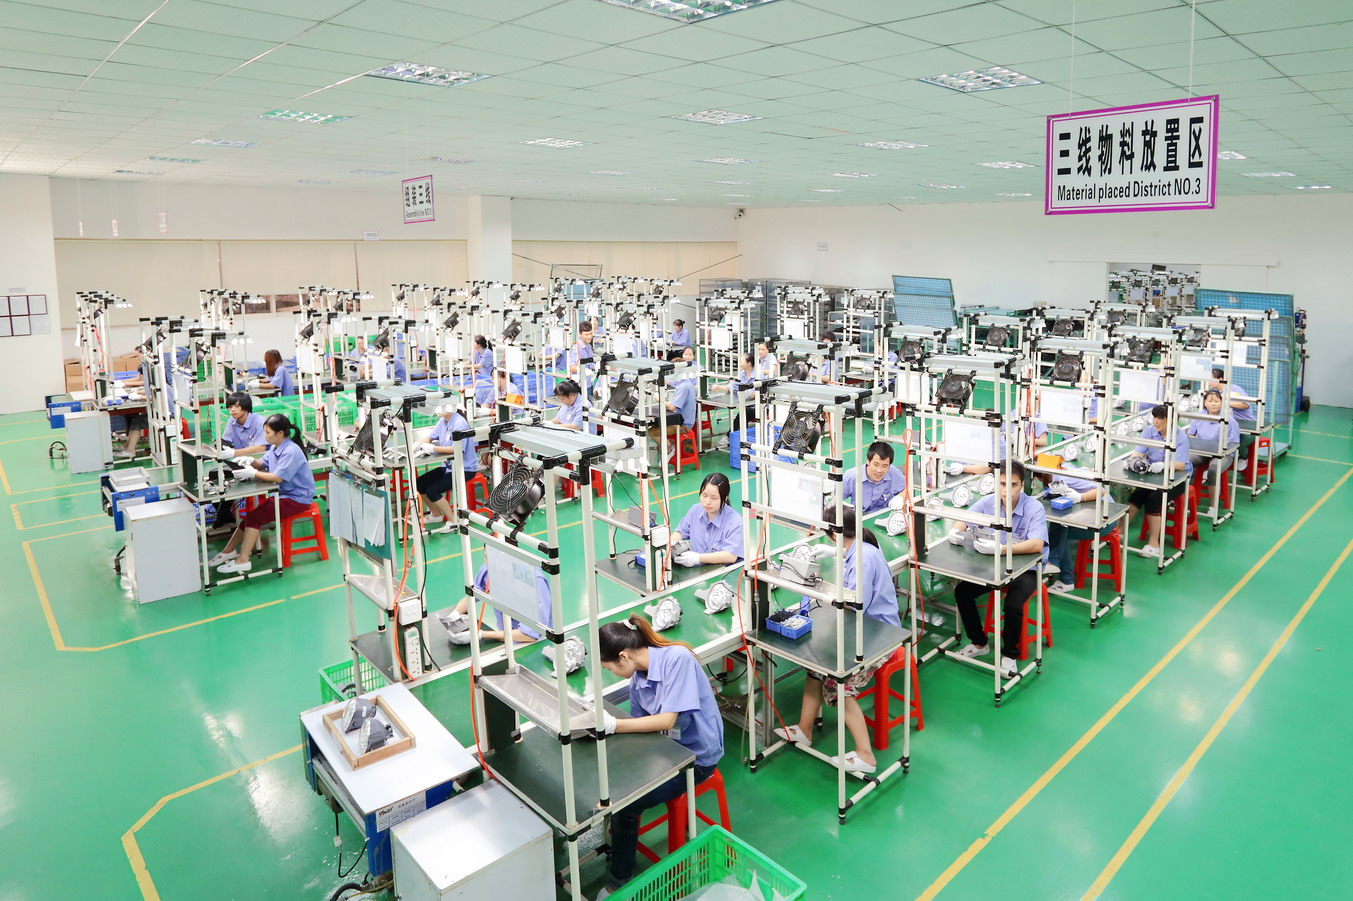 廣東泰耀汽車科技有限公司